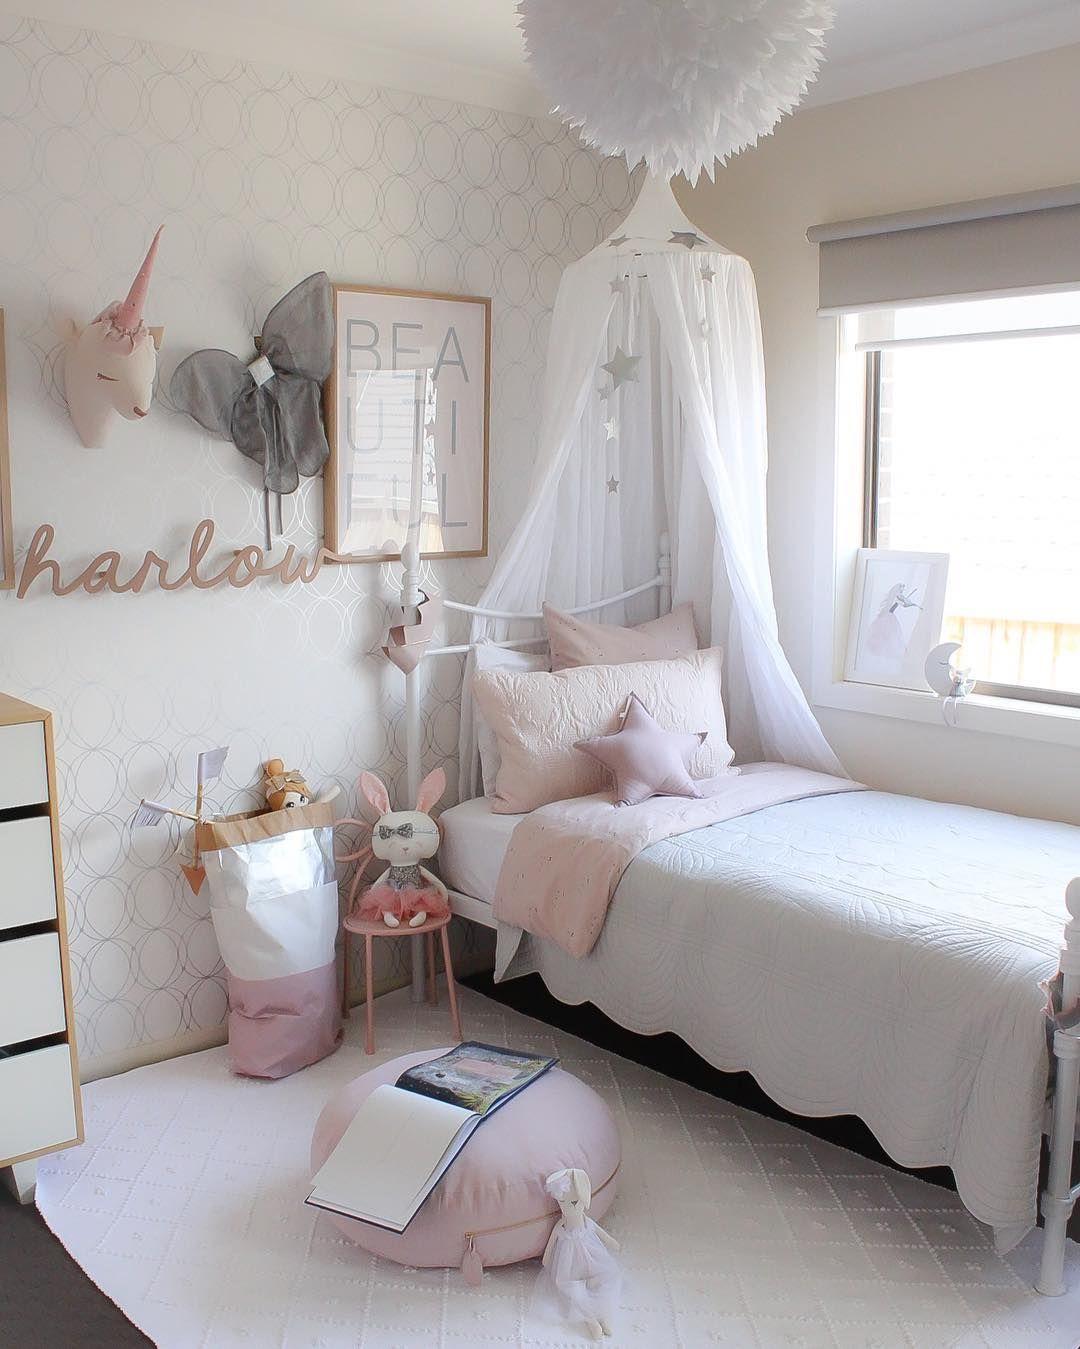 Desain kamar tidur anak perempuan sederhana dekorasi for Dekorasi kamar